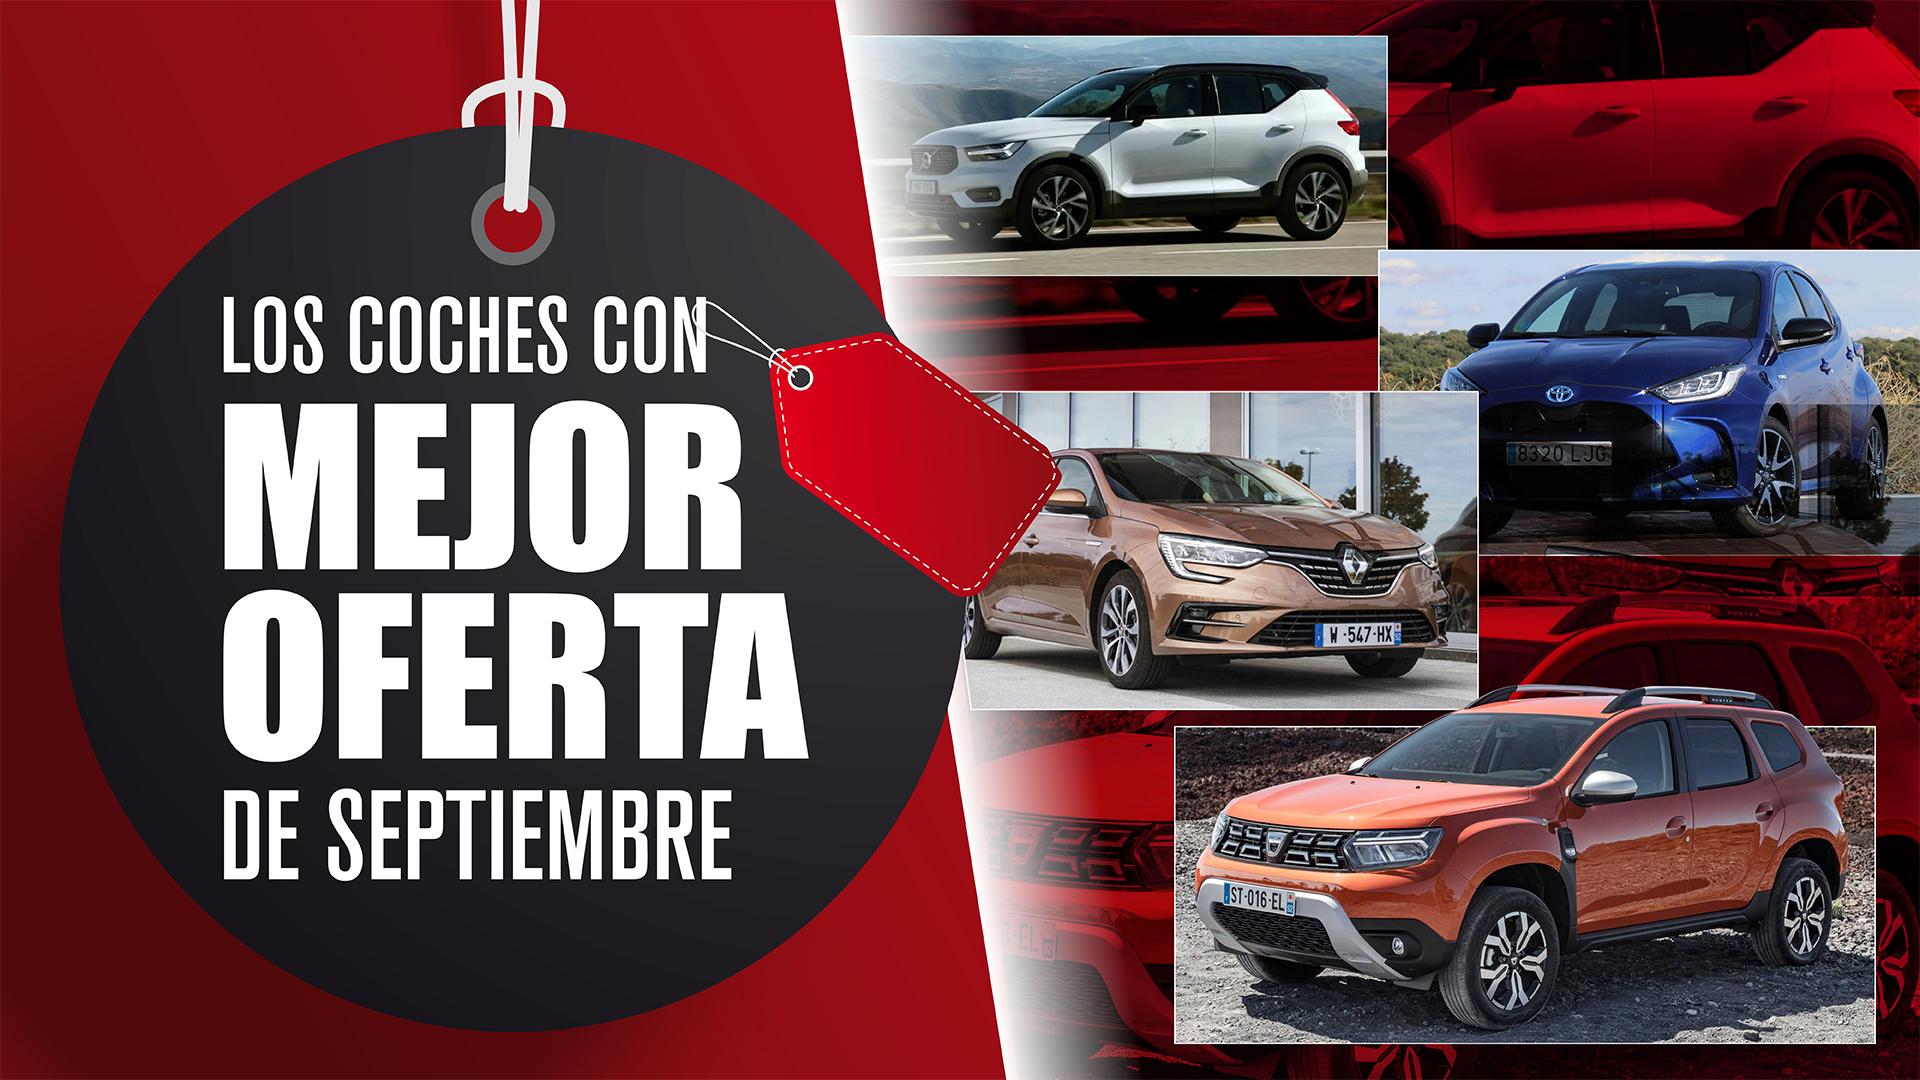 Los coches con mejor oferta del mes de septiembre